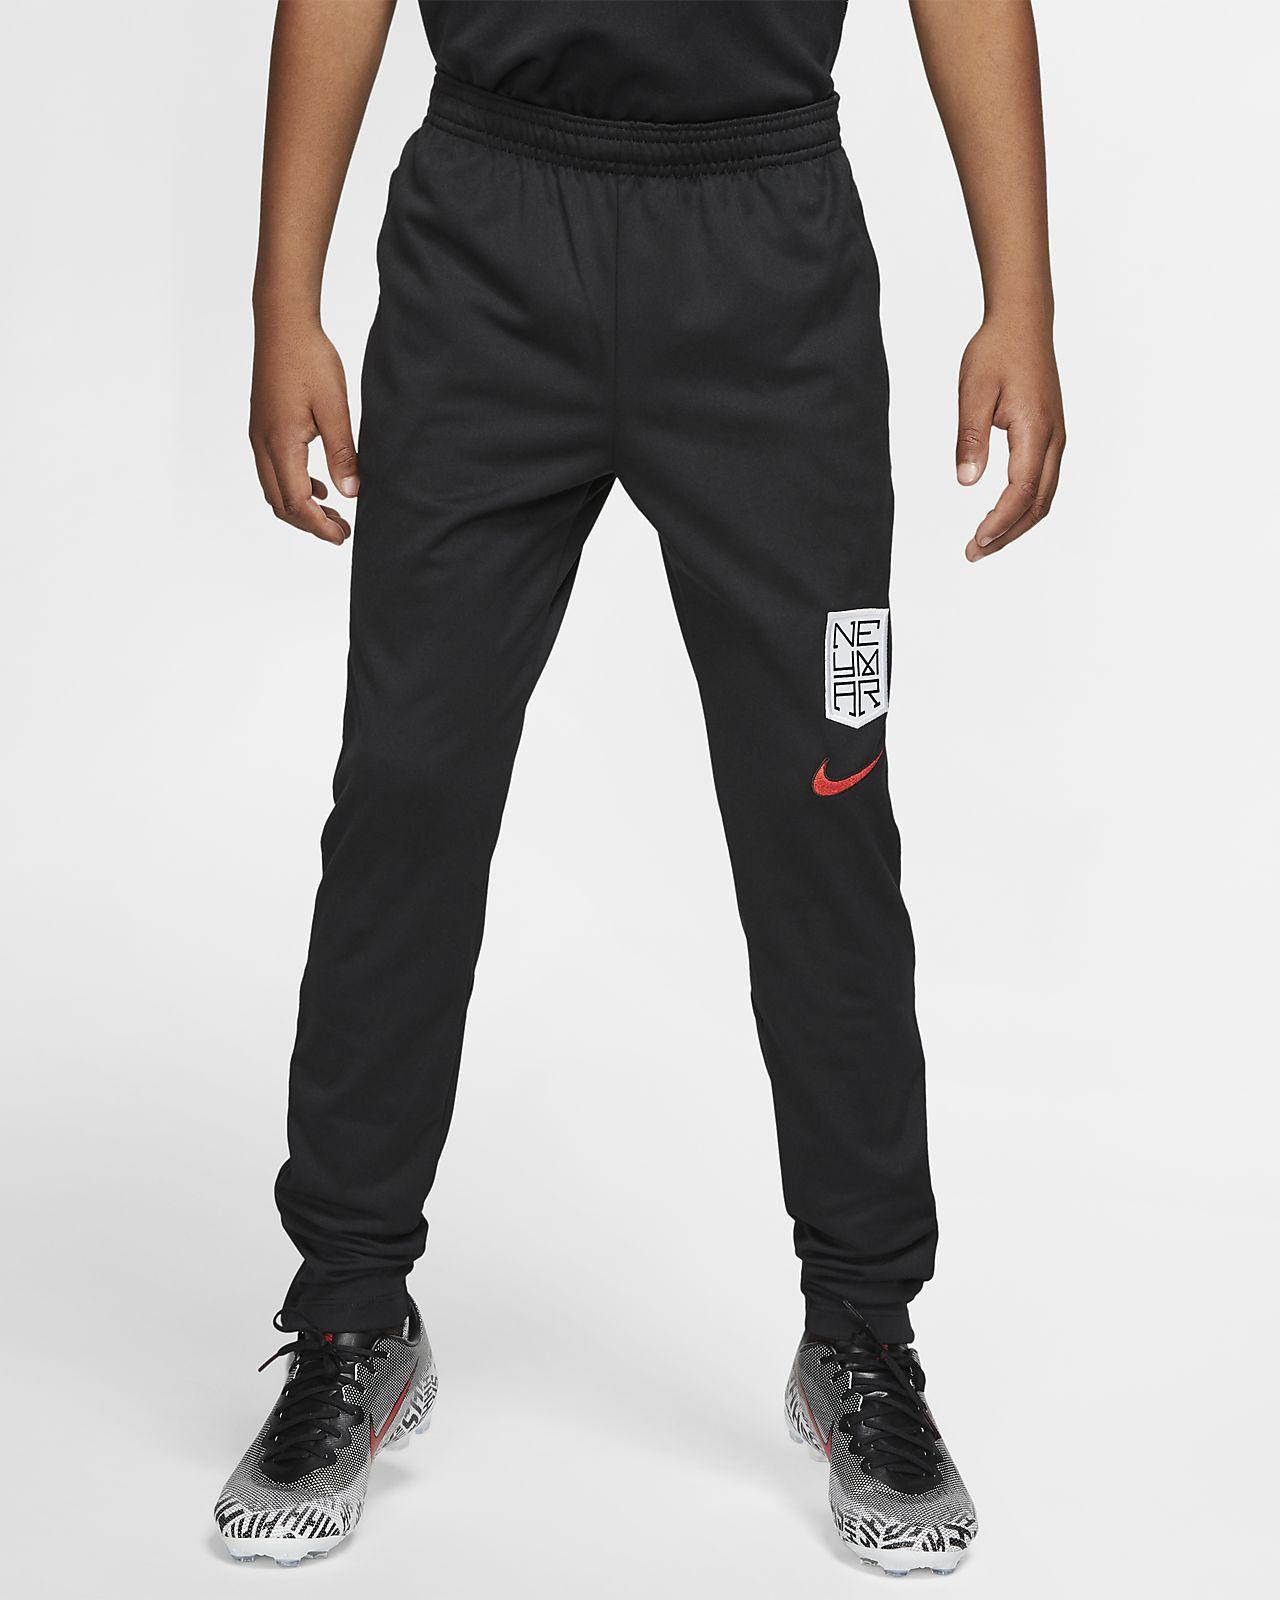 Nike Dri-FIT Neymar Jr. Older Kids' Football Pants